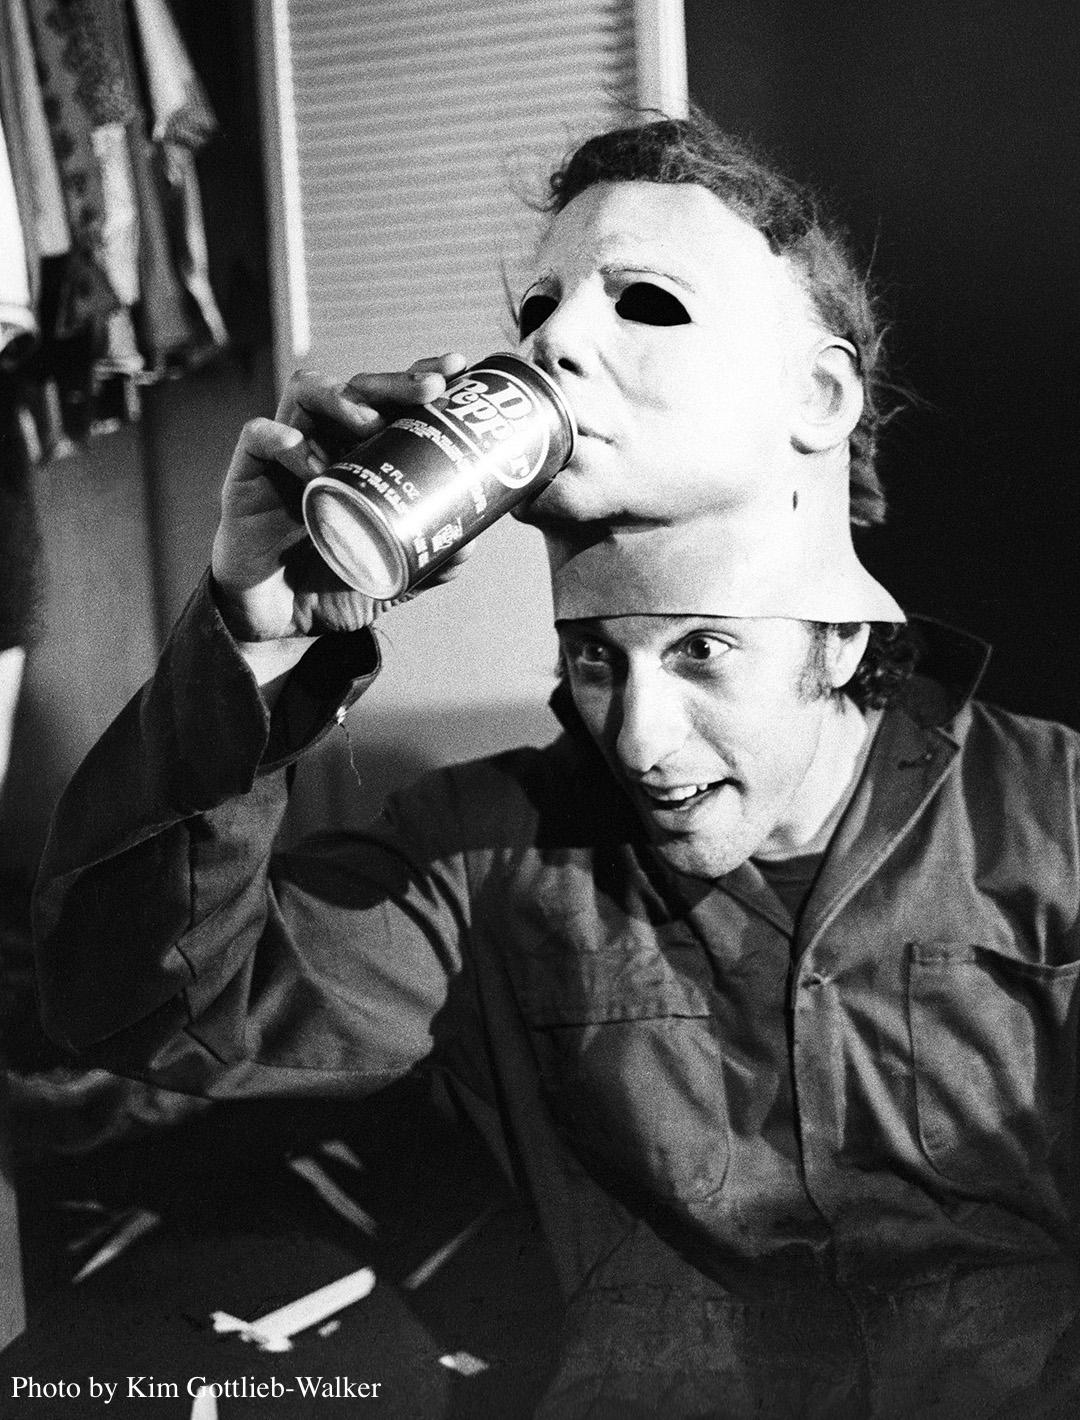 Walker Halloween